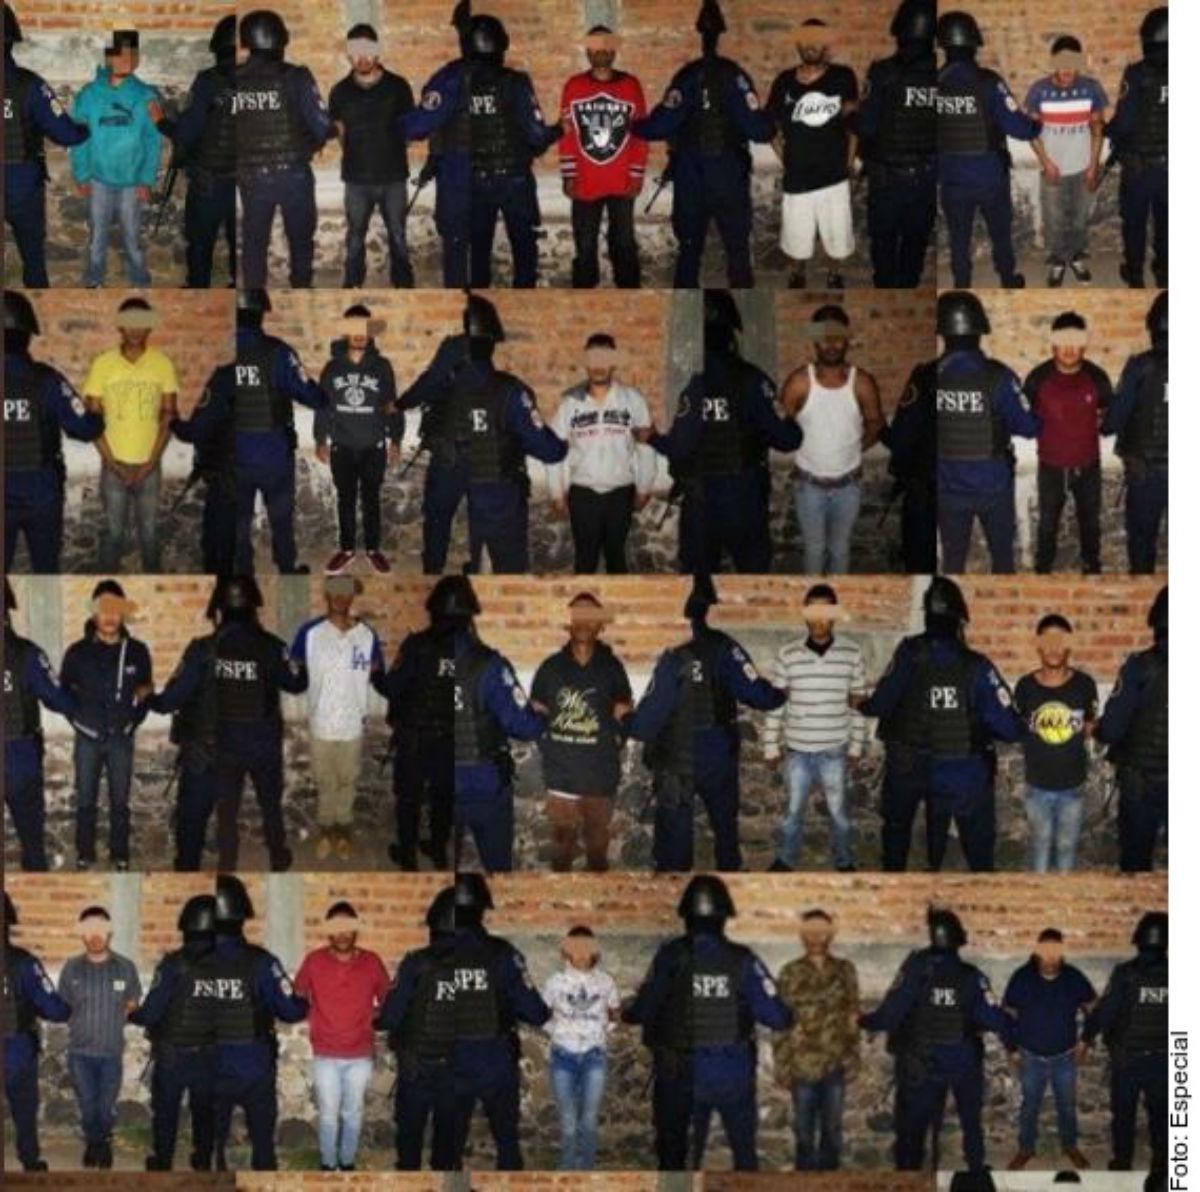 ¡Golpe al Marro! detienen a 29 peligrosos sicarios que mataban para el líder huachicolero